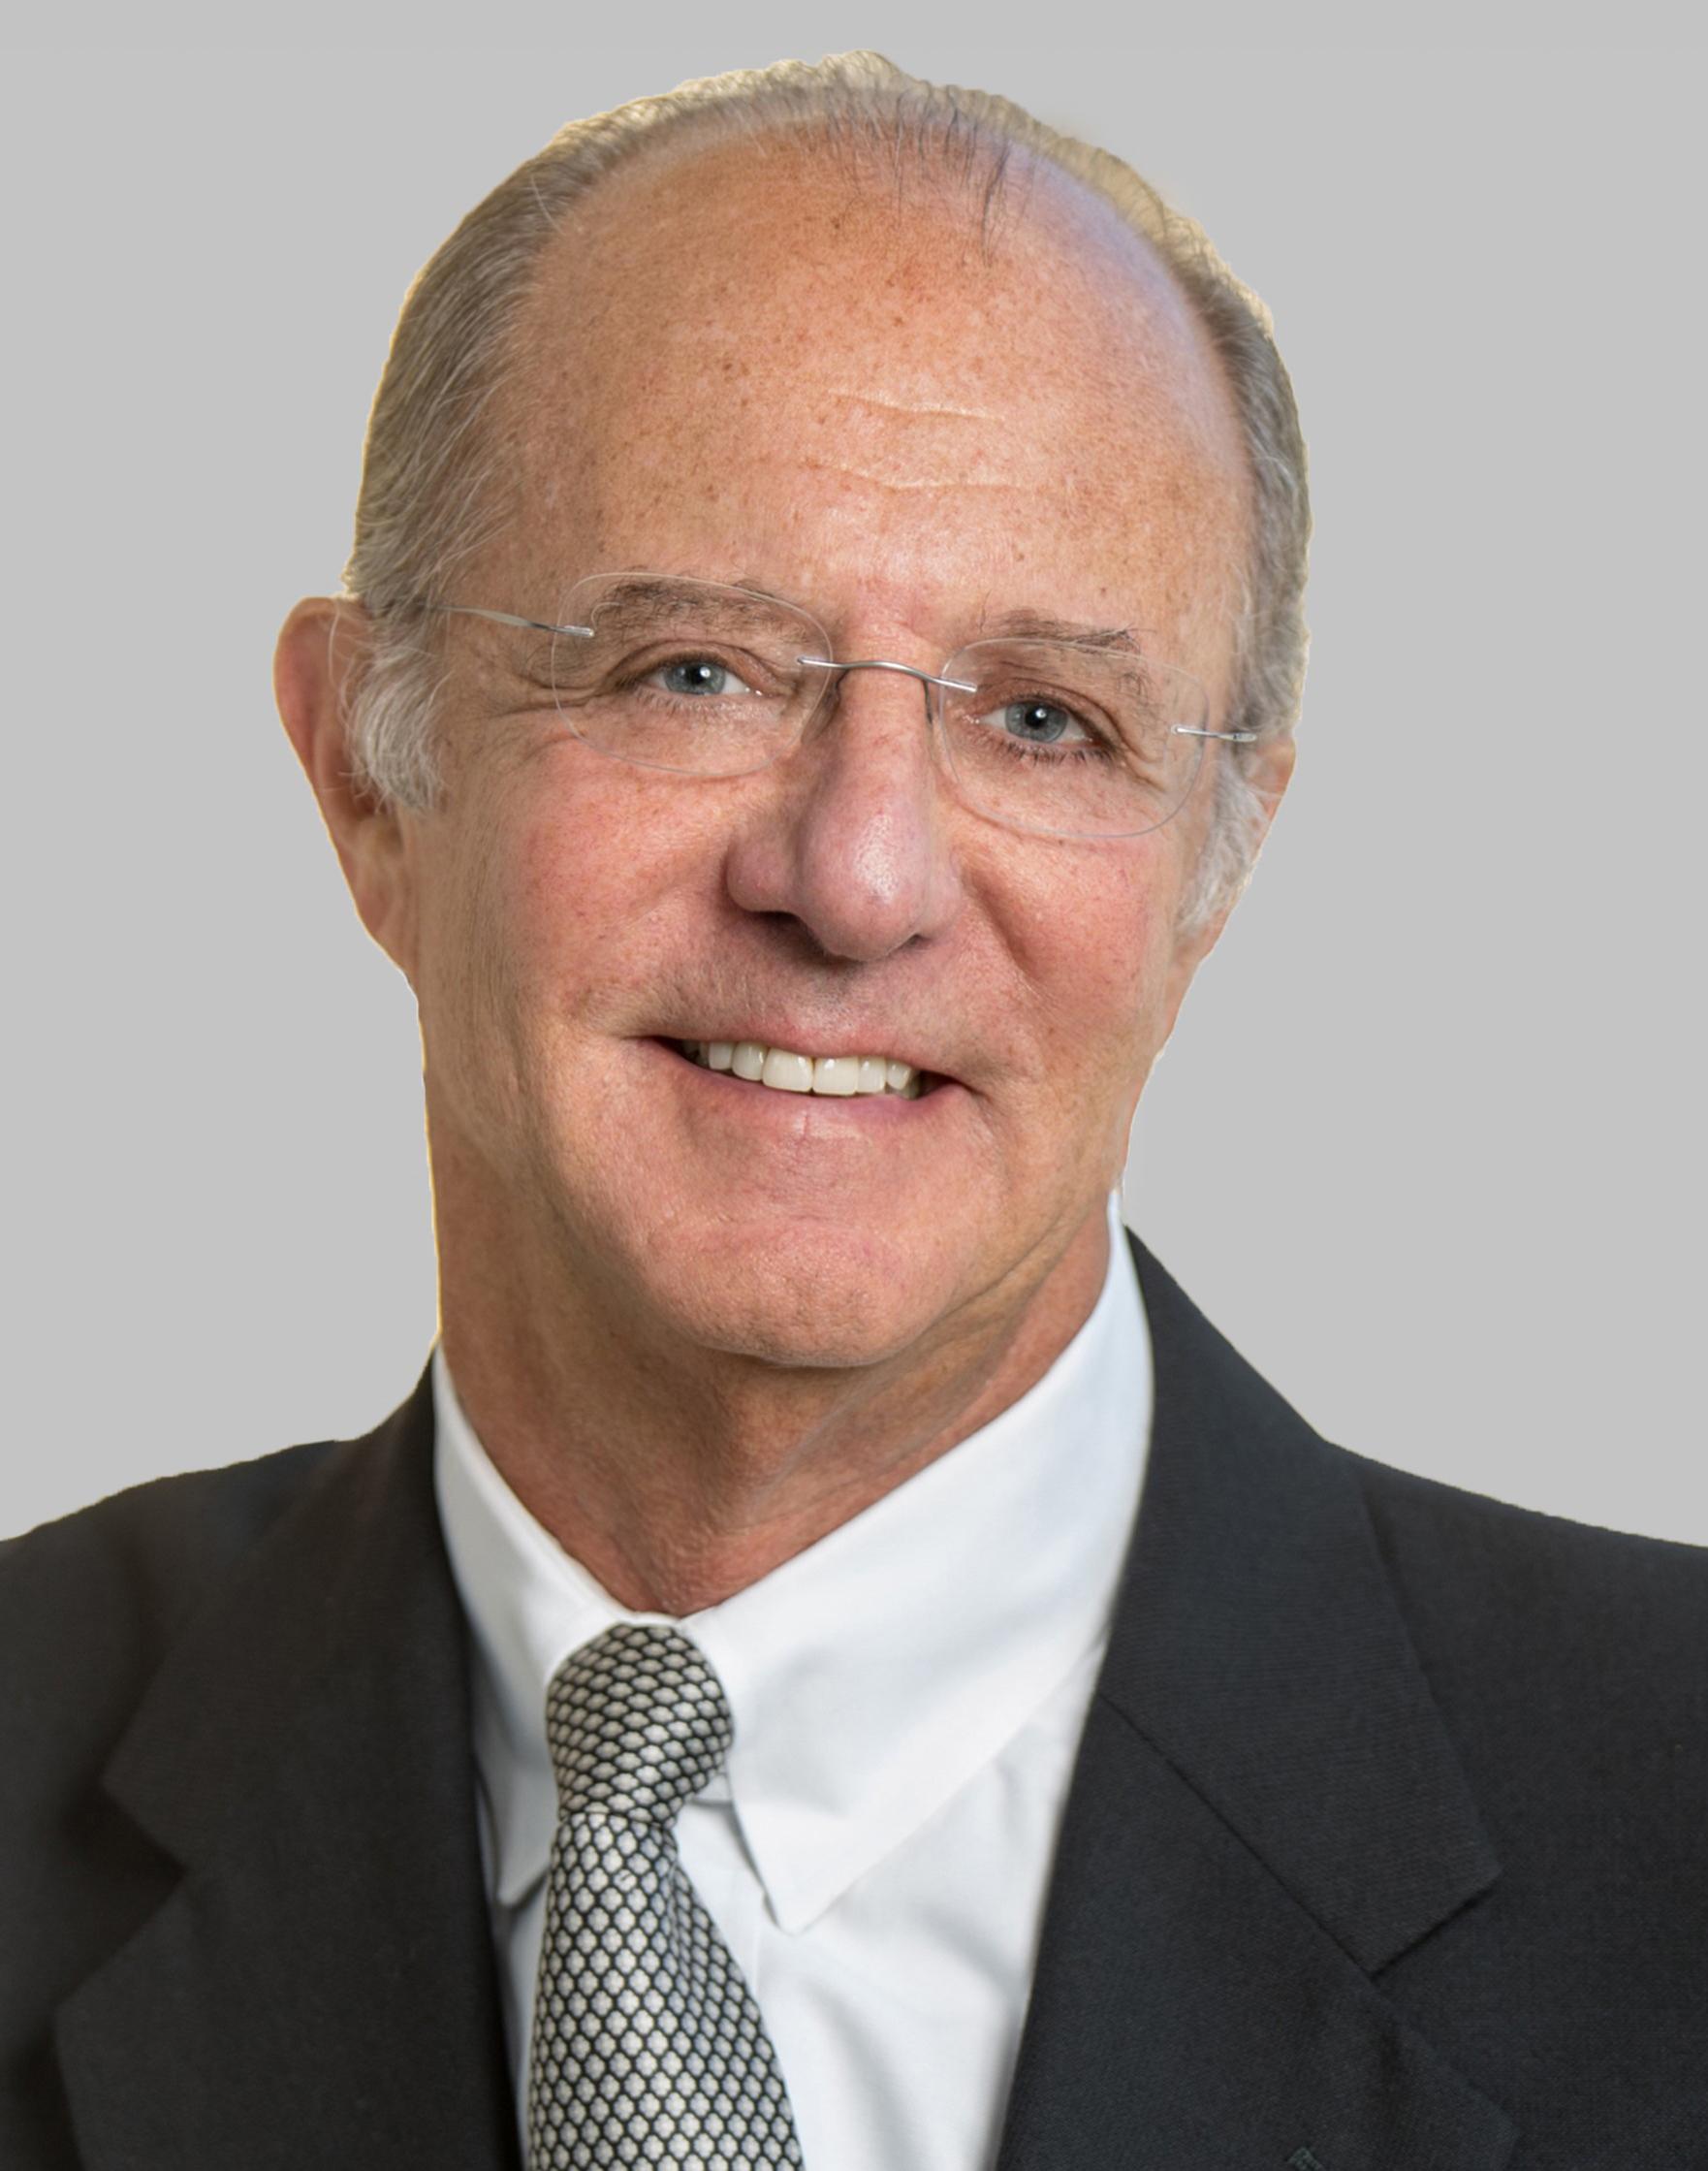 Jim Berk